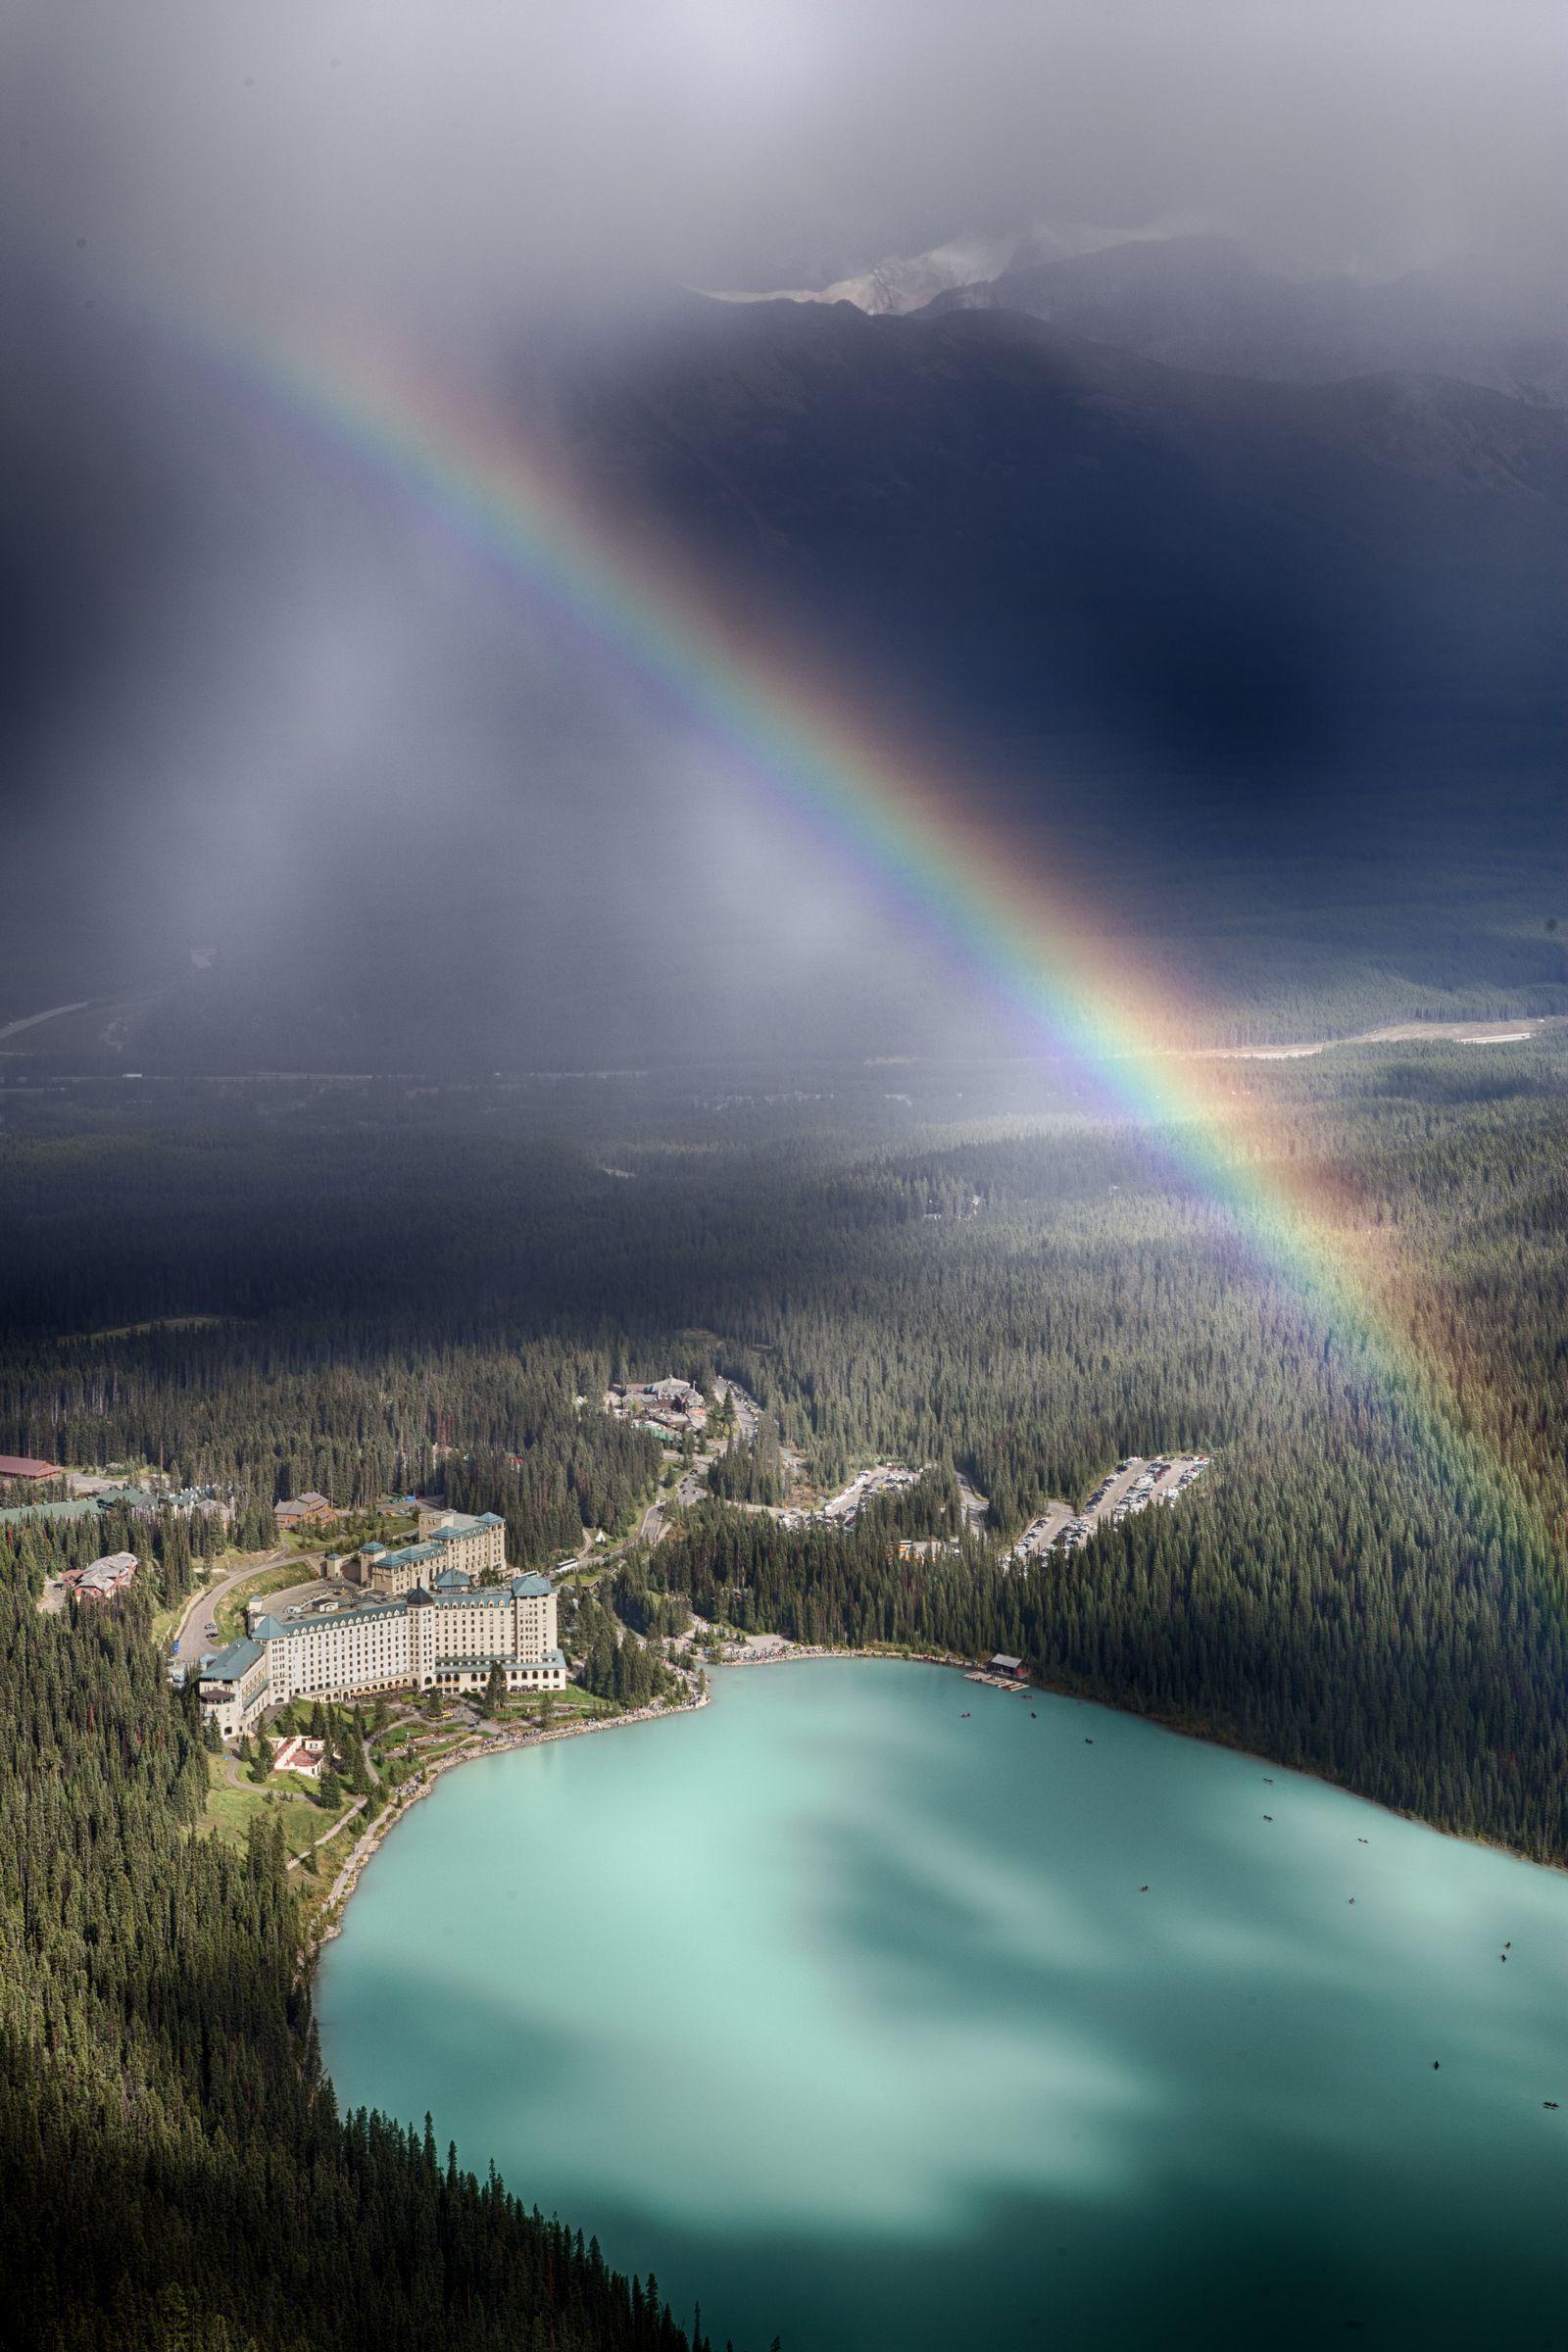 Y por si era poco, ahora un arco iris